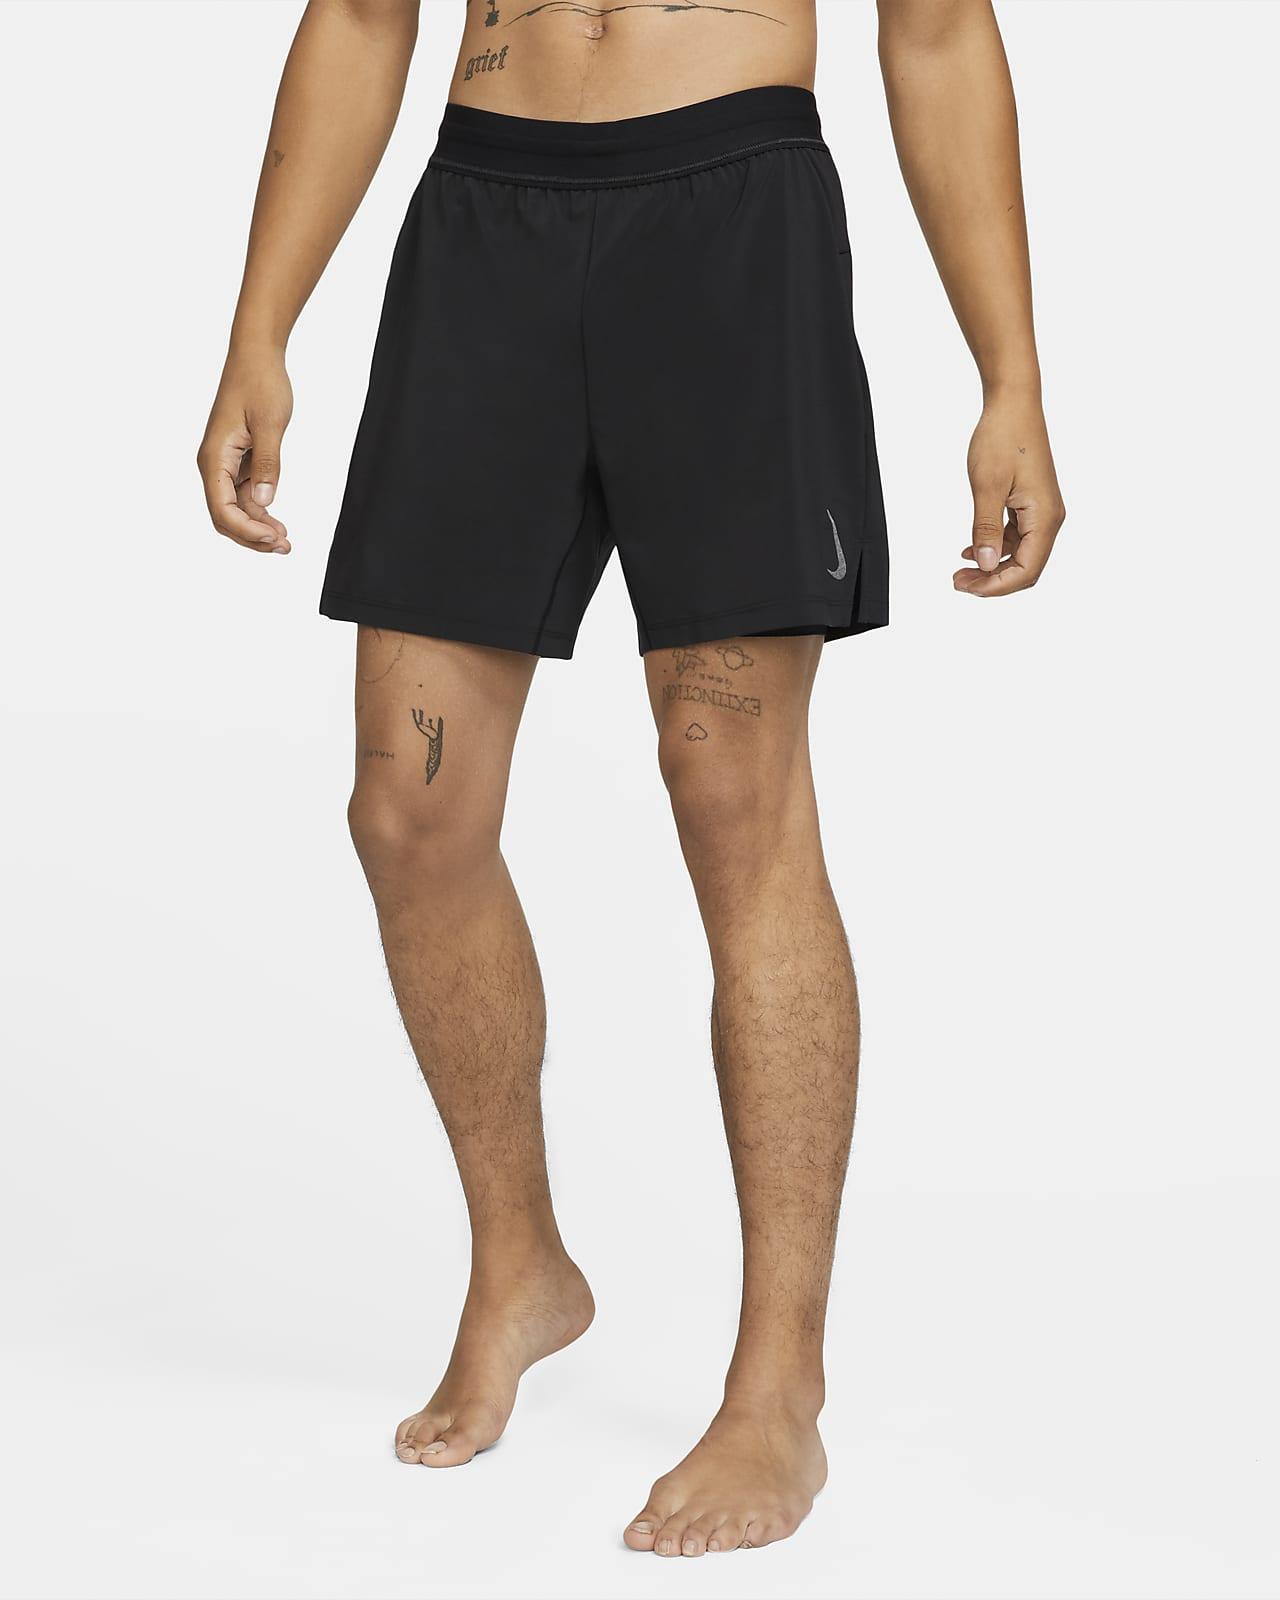 Nike Yoga Men's 2-in-1 Shorts